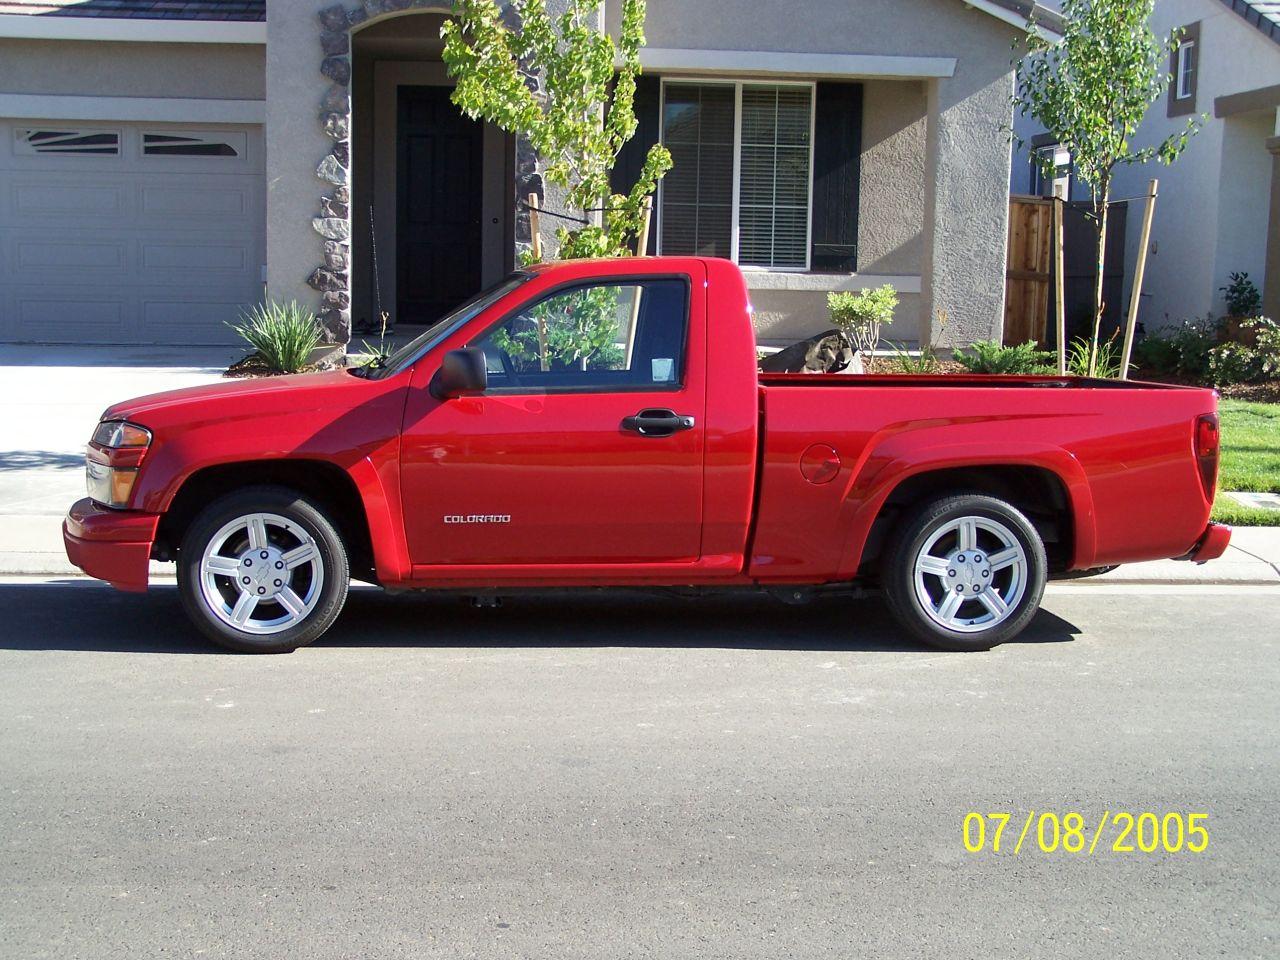 Colorado 2005 chevrolet colorado parts : 2005 Chevrolet Colorado Regular Cab LS 1/4 mile trap speeds 0-60 ...